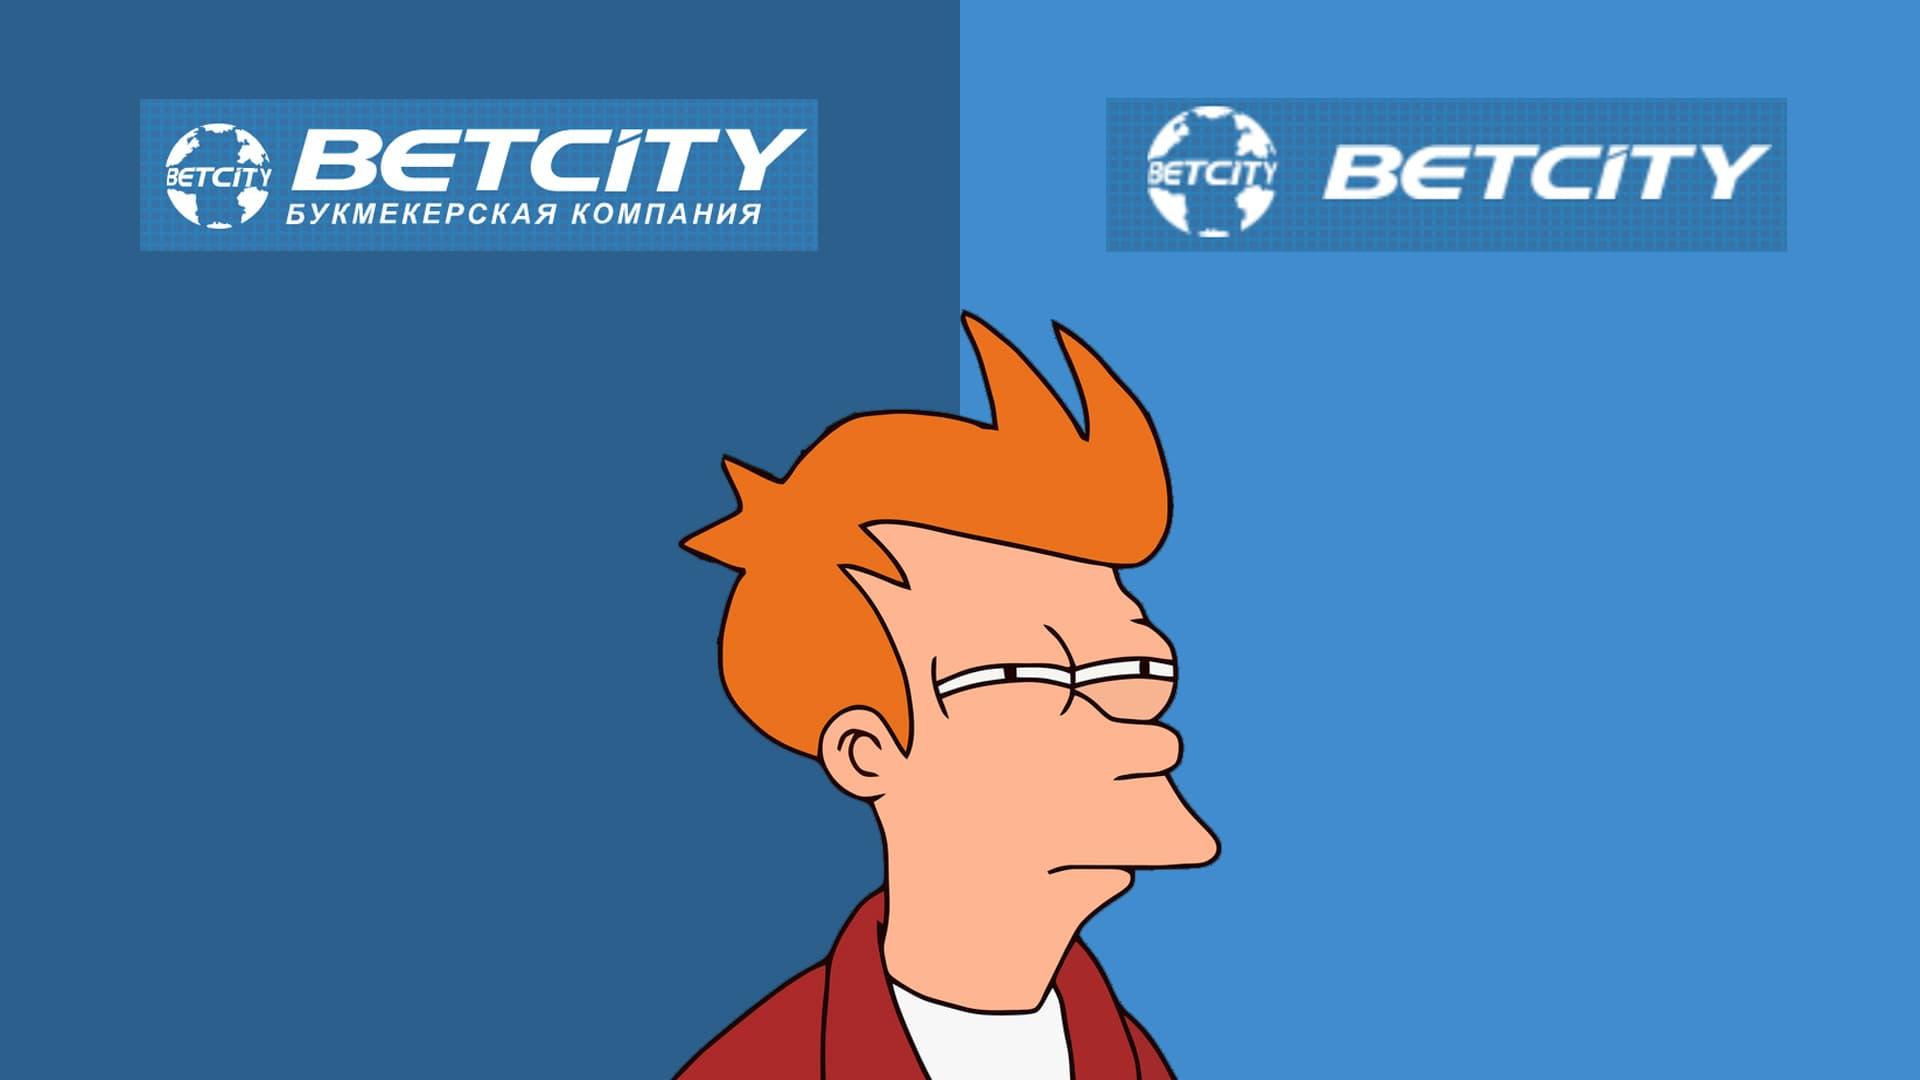 Бетсити и Betcity: в чем разница